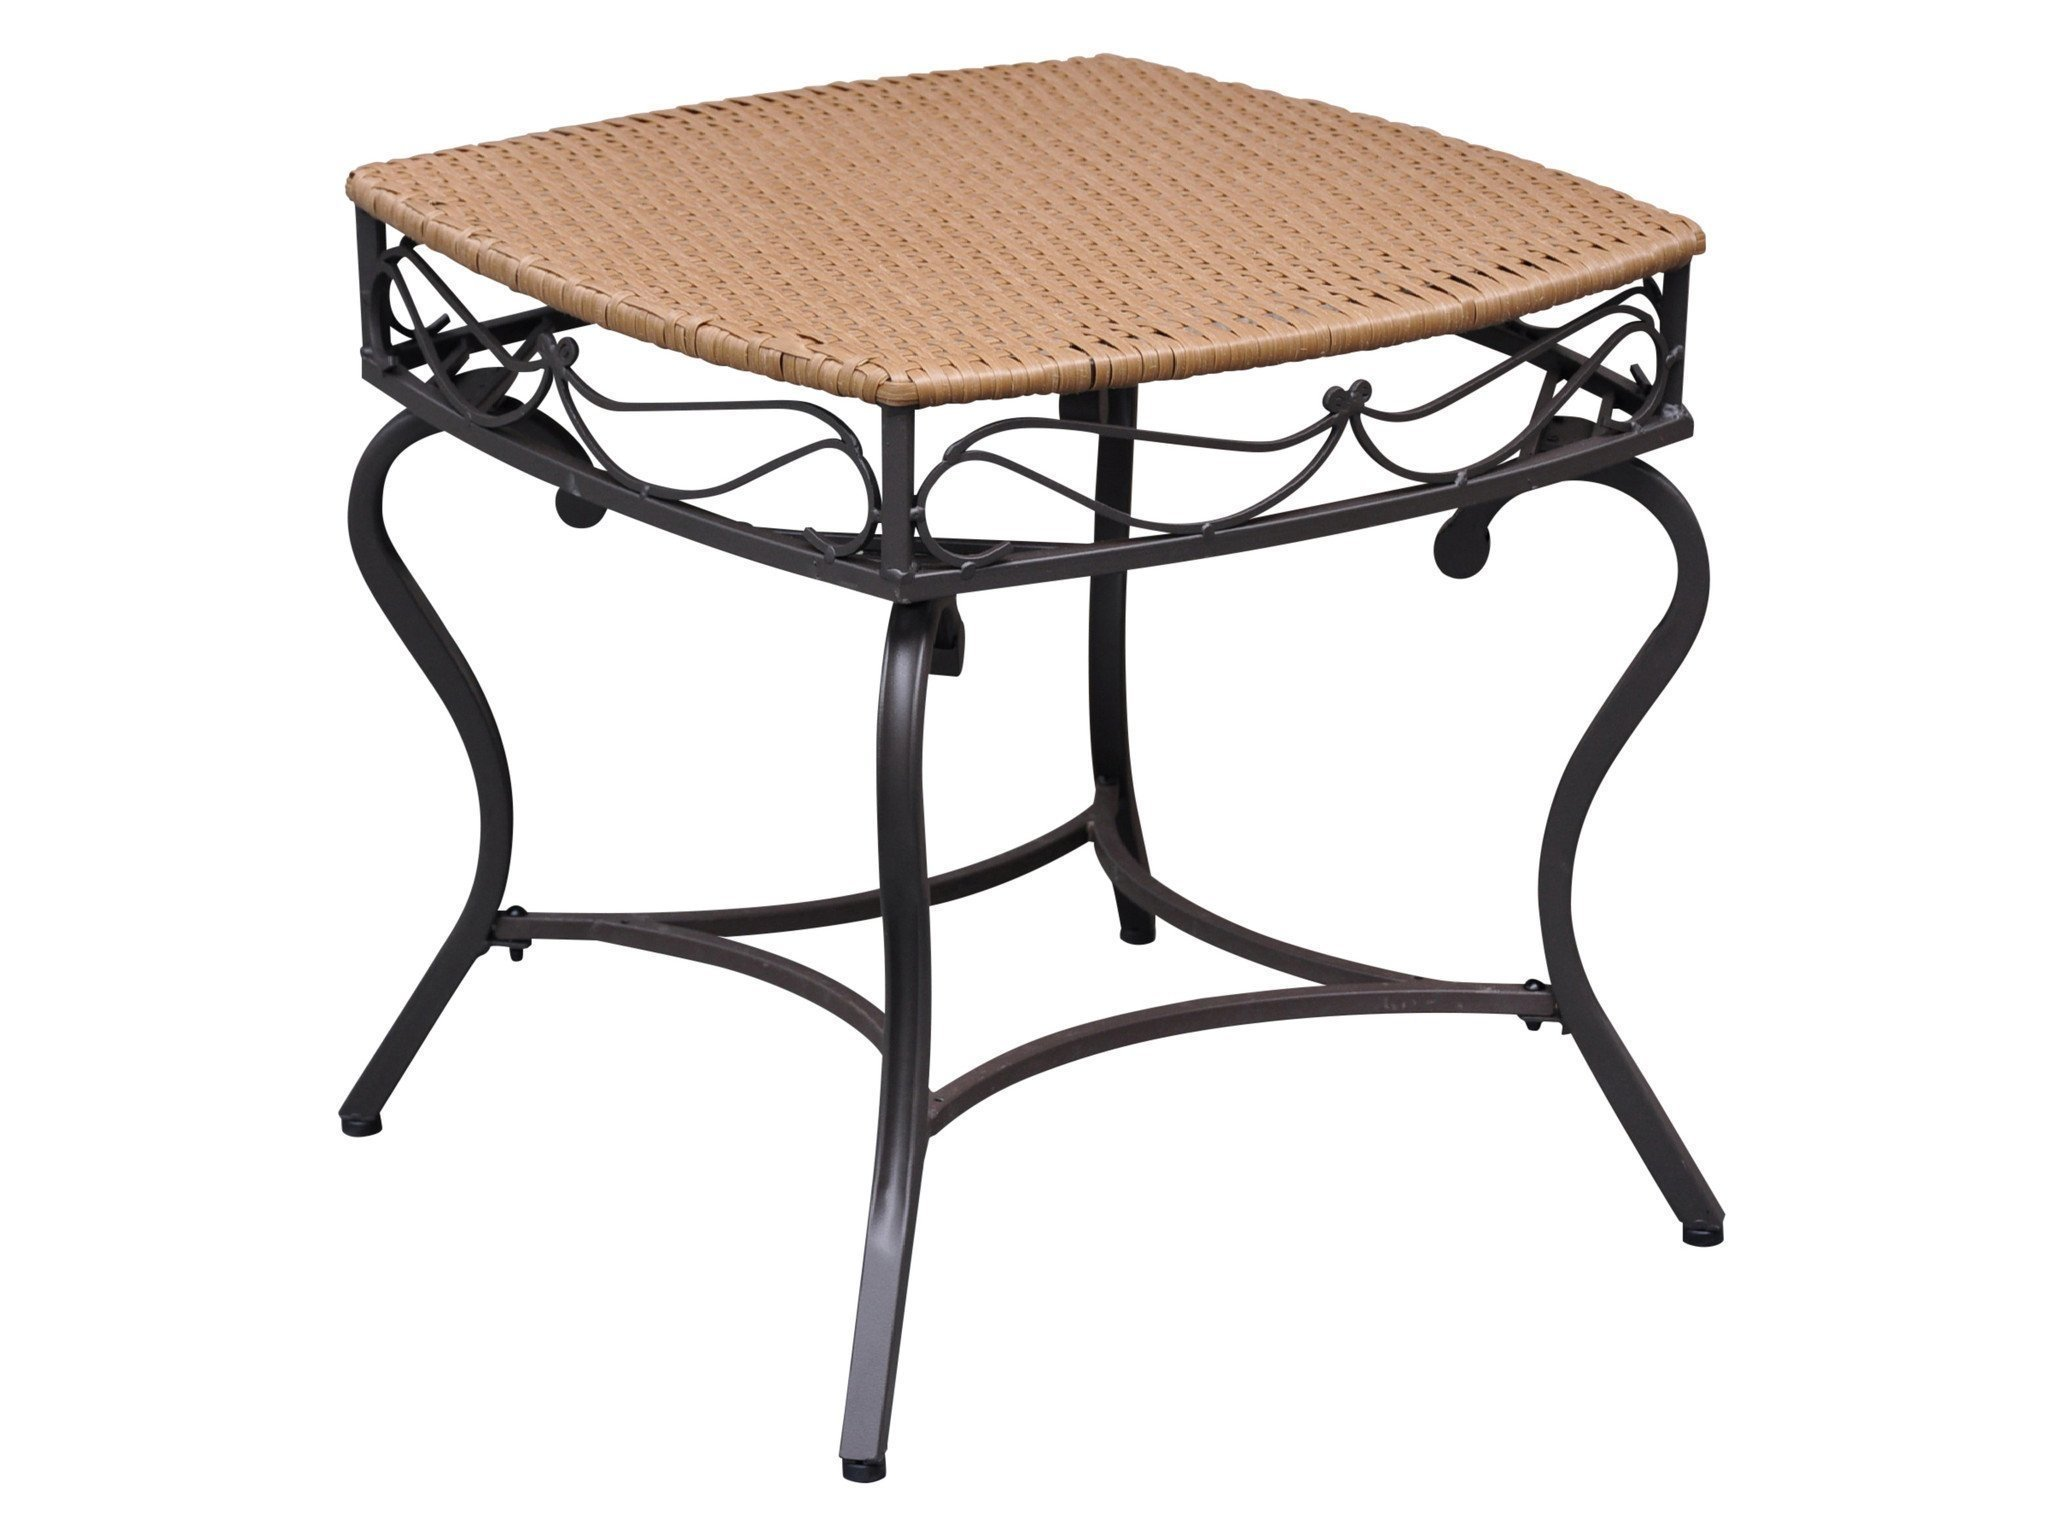 Wicker Resin/Steel Patio Side Table in Honey Finish